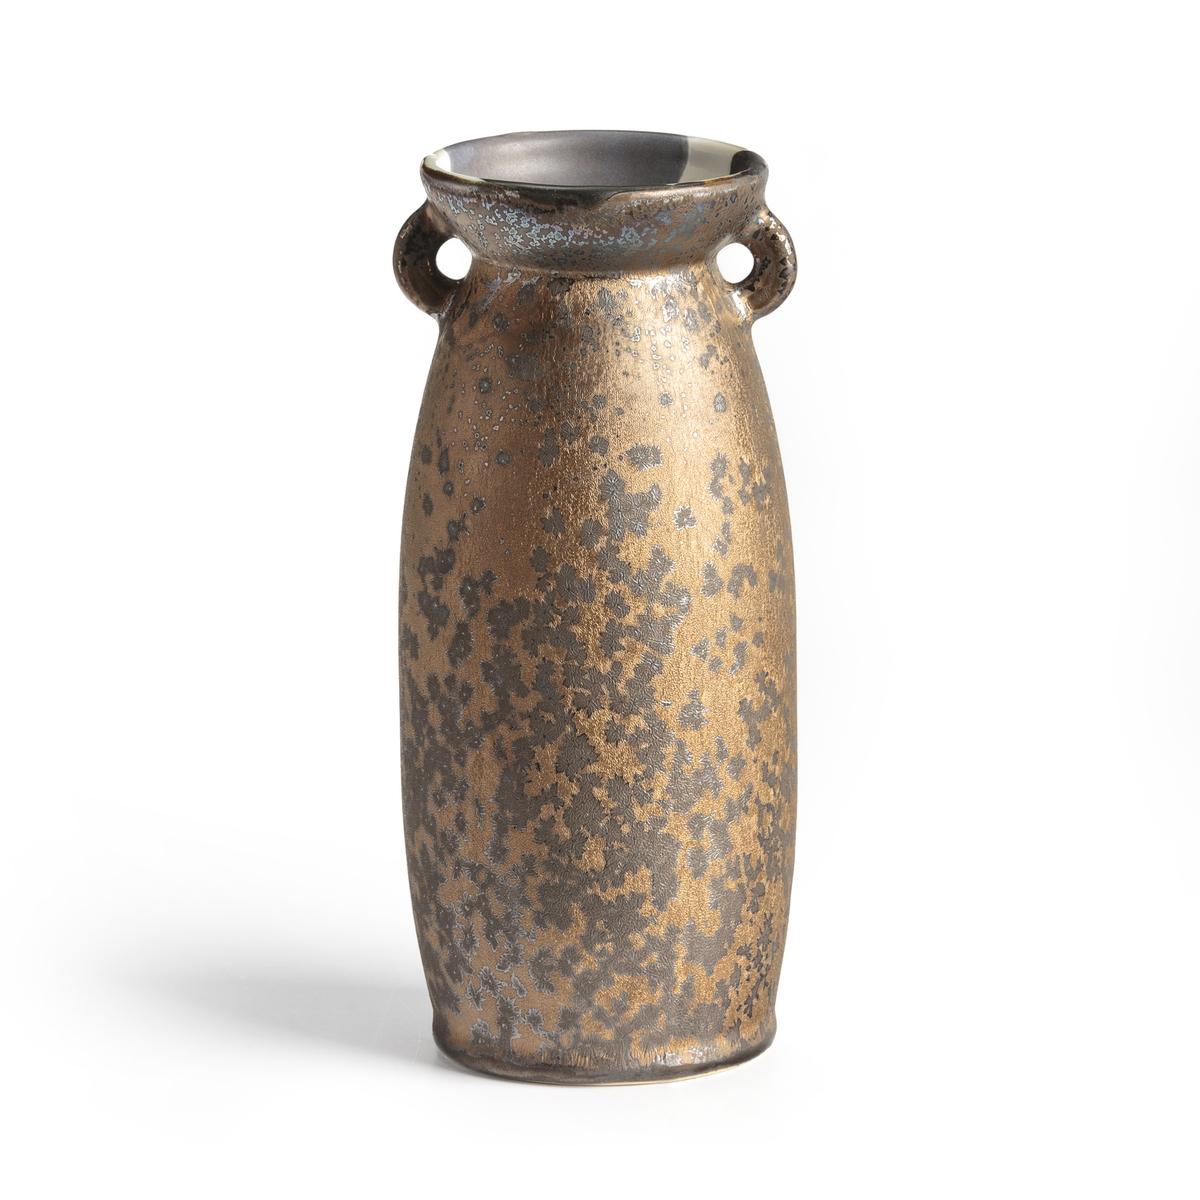 Ваза La Redoute Из керамики В см Tybalt единый размер каштановый тарелка la redoute плоская из керамики sanna единый размер каштановый